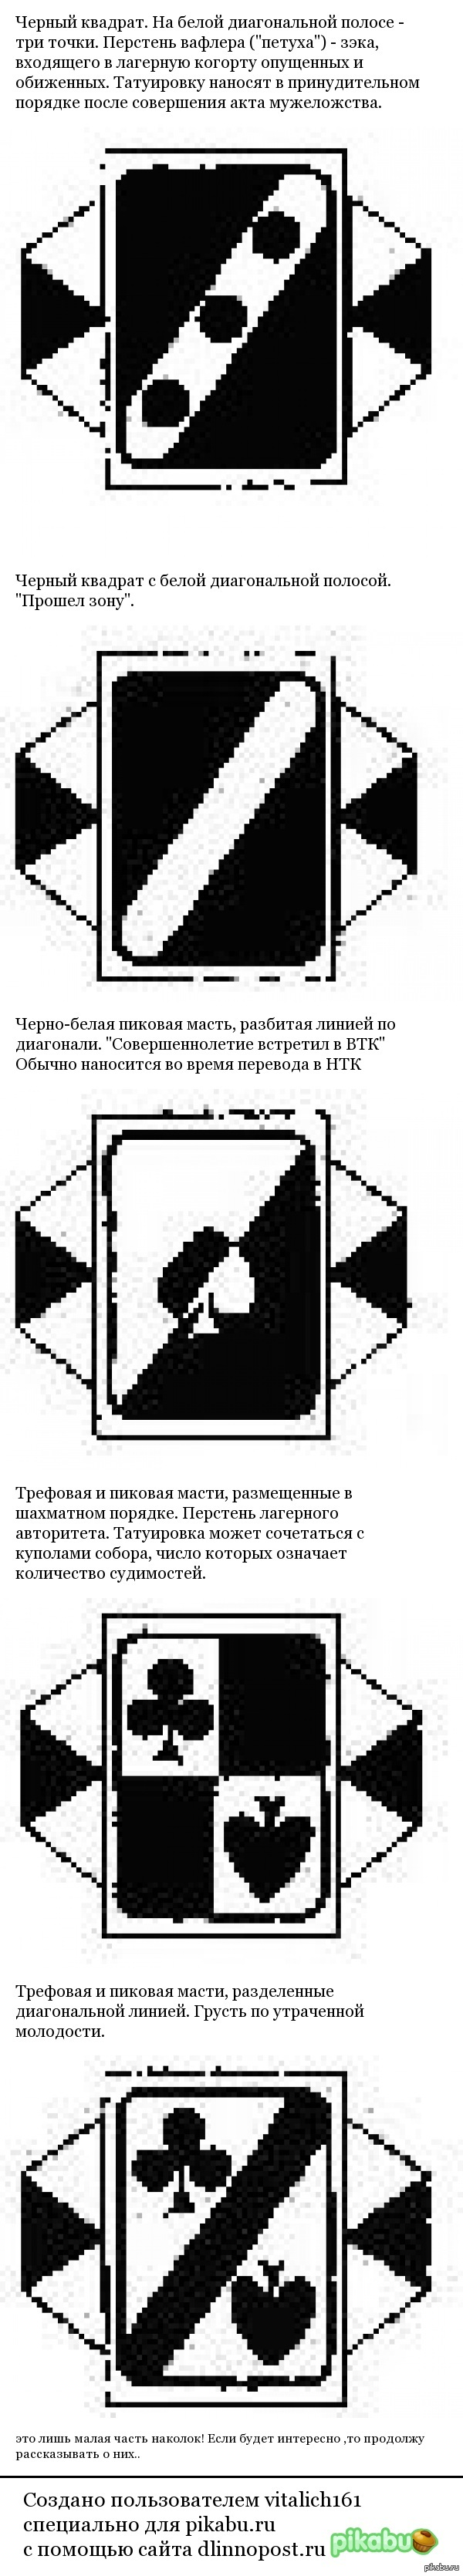 1413964145_1972073112.jpg